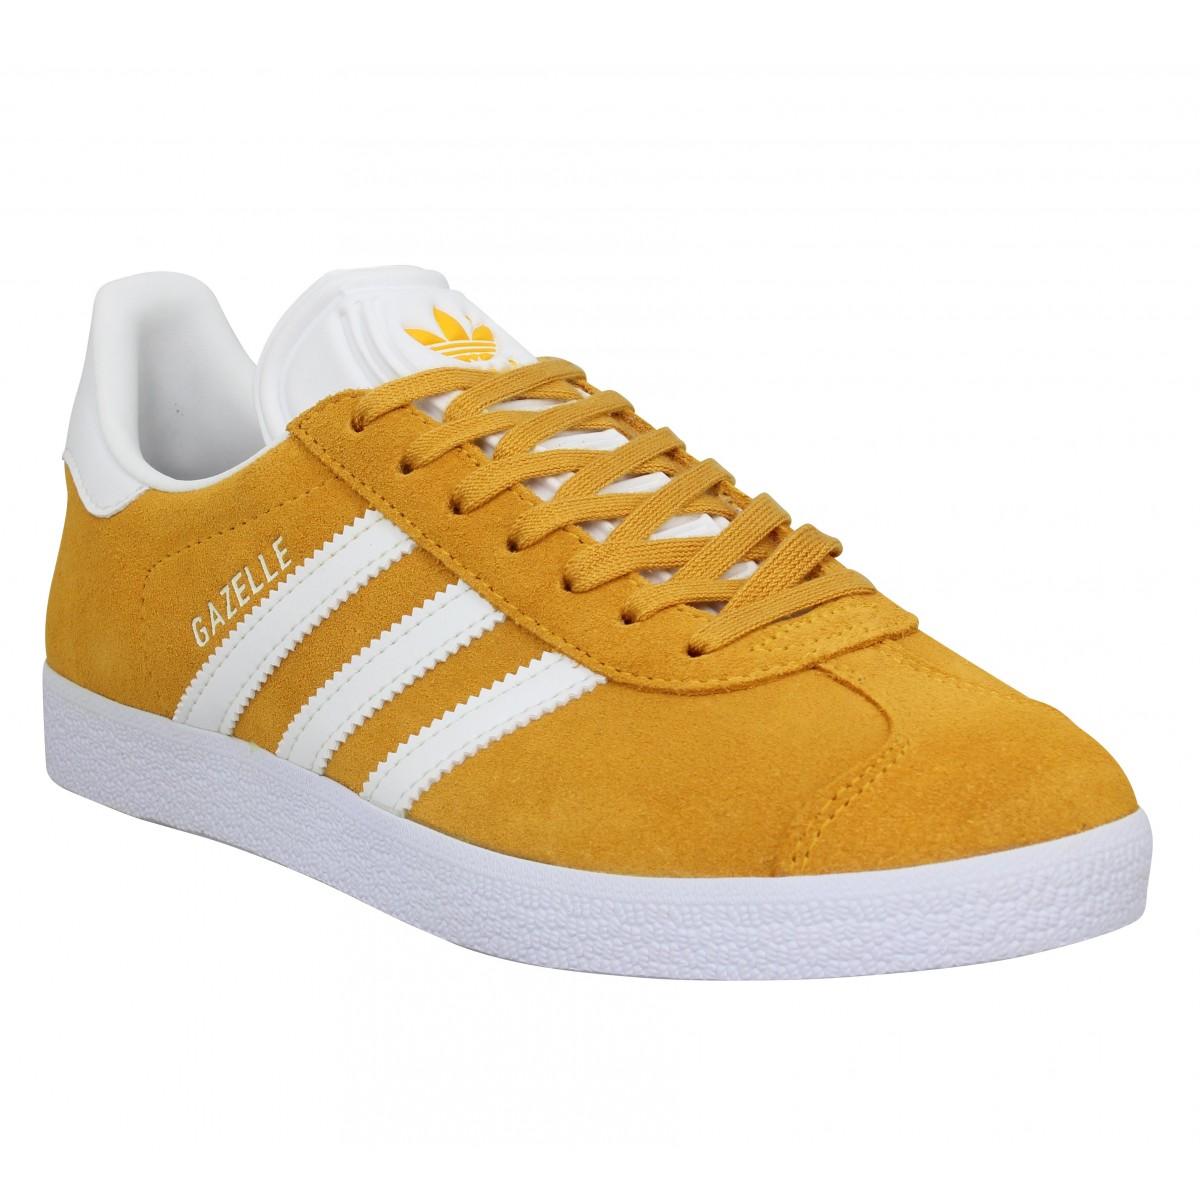 Adidas Femme Gazelle Velours -36-jaune...